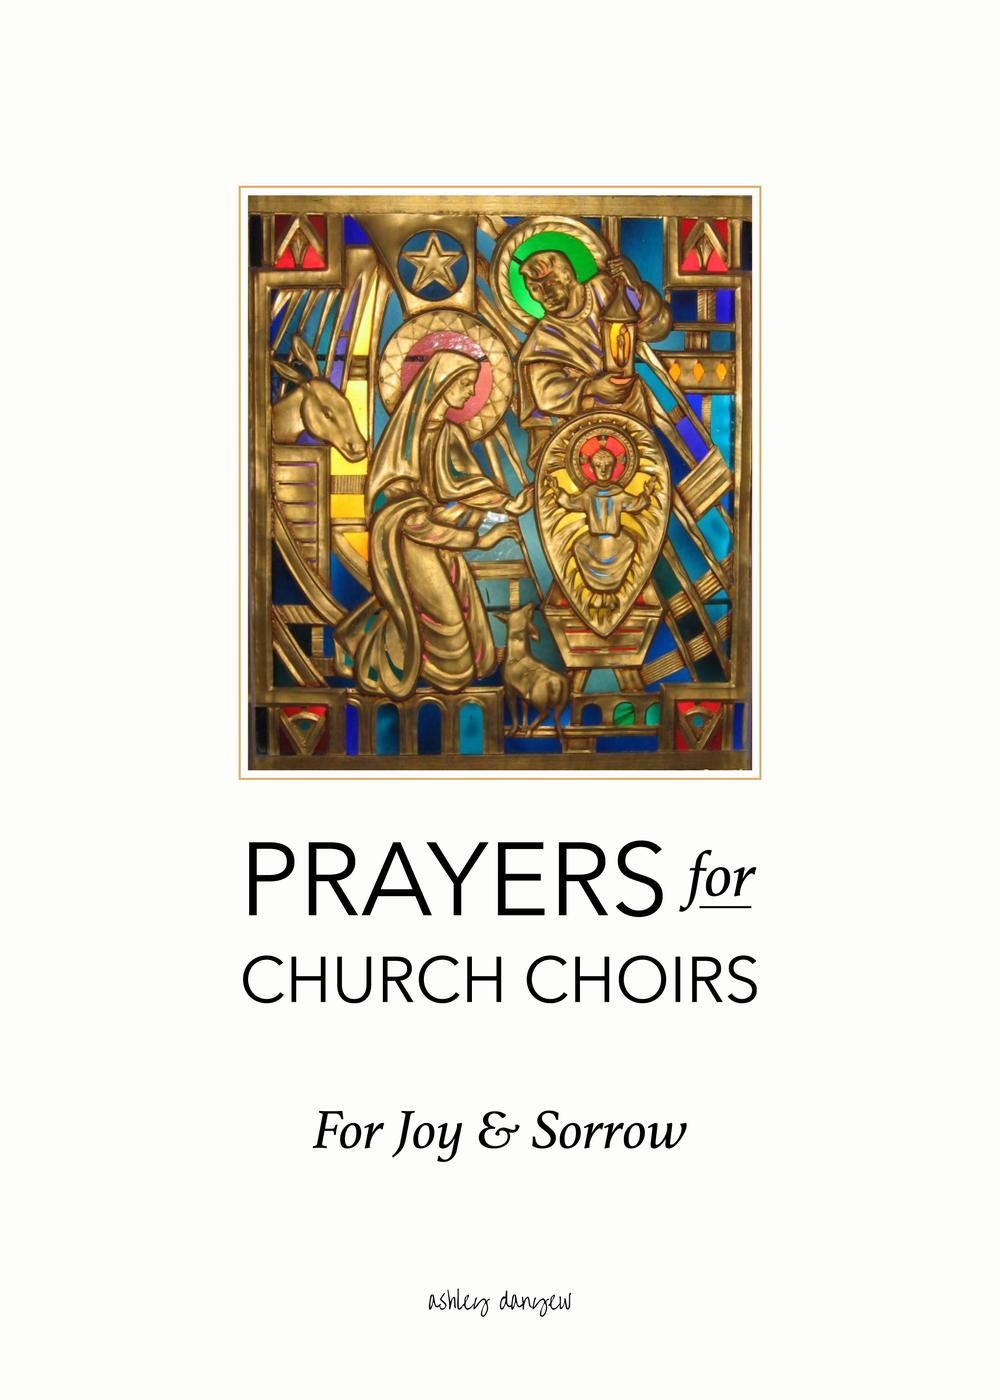 Copy of Prayers for Church Choirs: For Joy & Sorrow